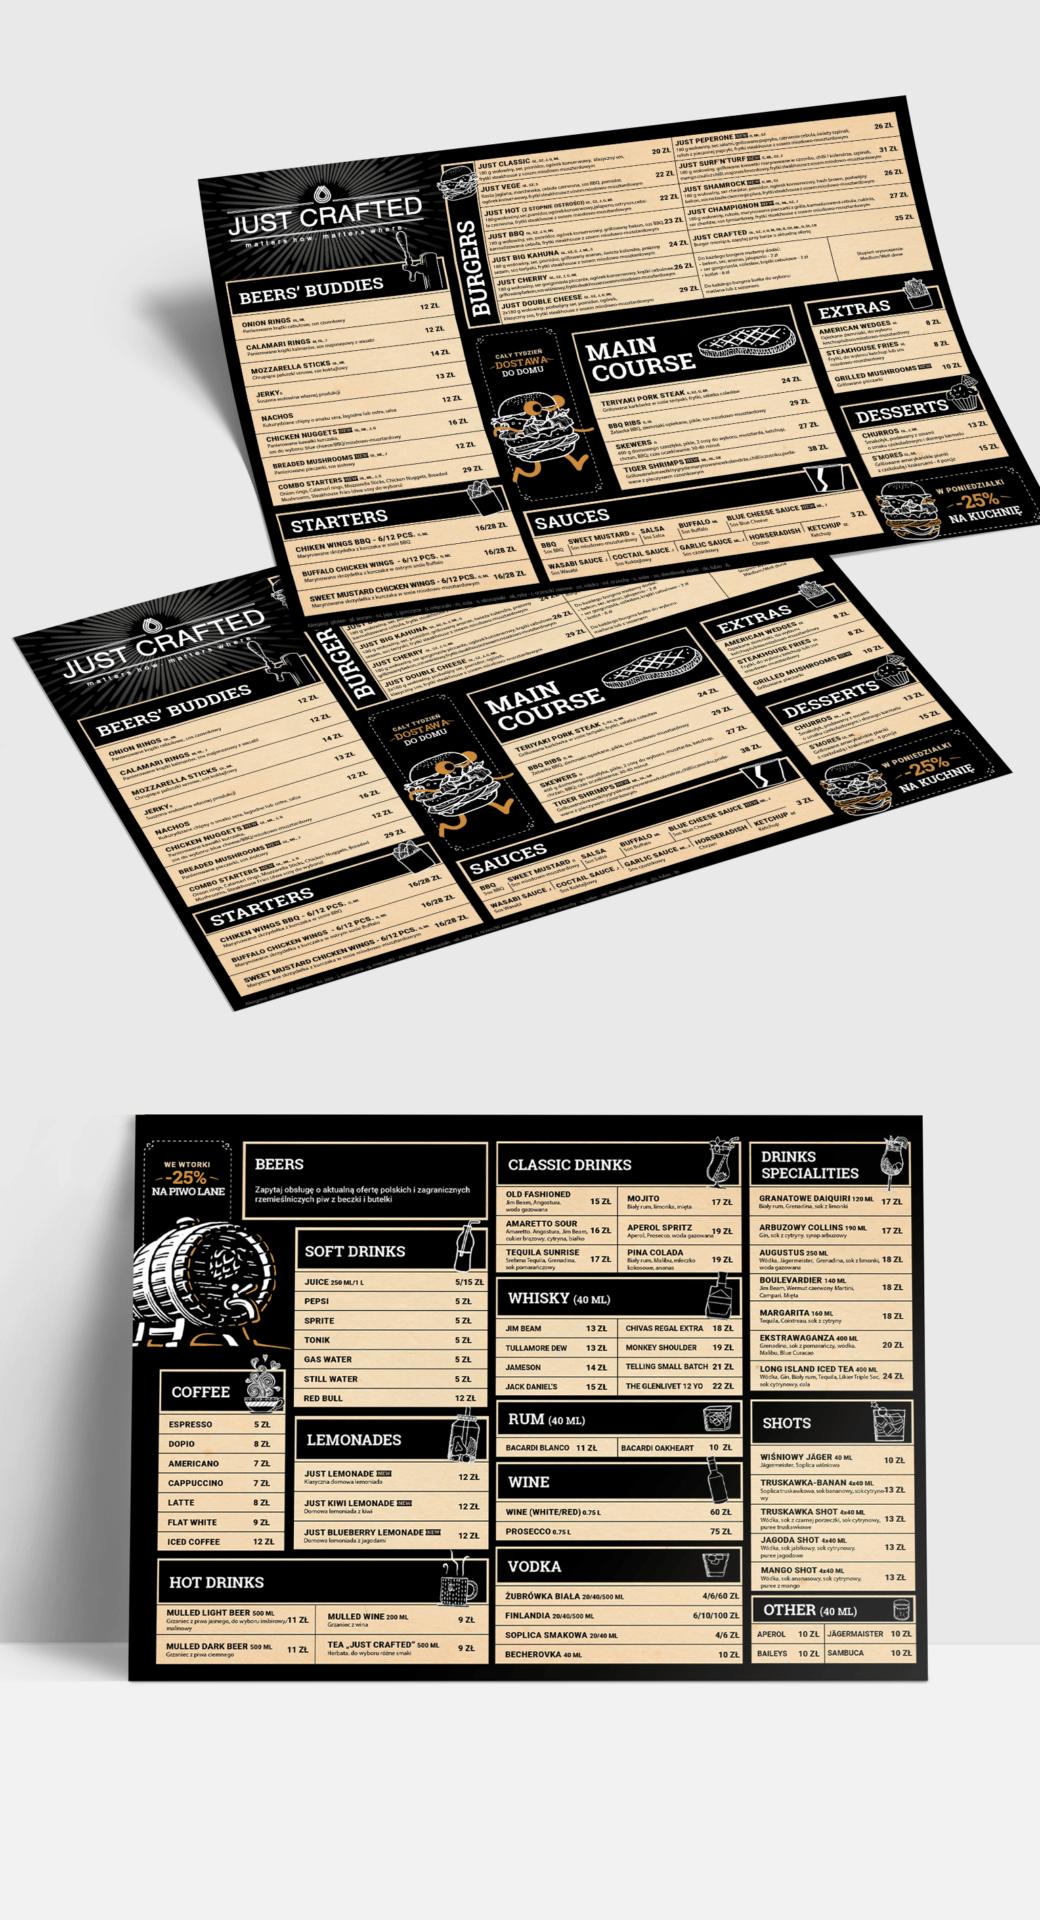 Wizualizacja projektu graficznego menu restauracji Just Crafted z piwami kraftowymi